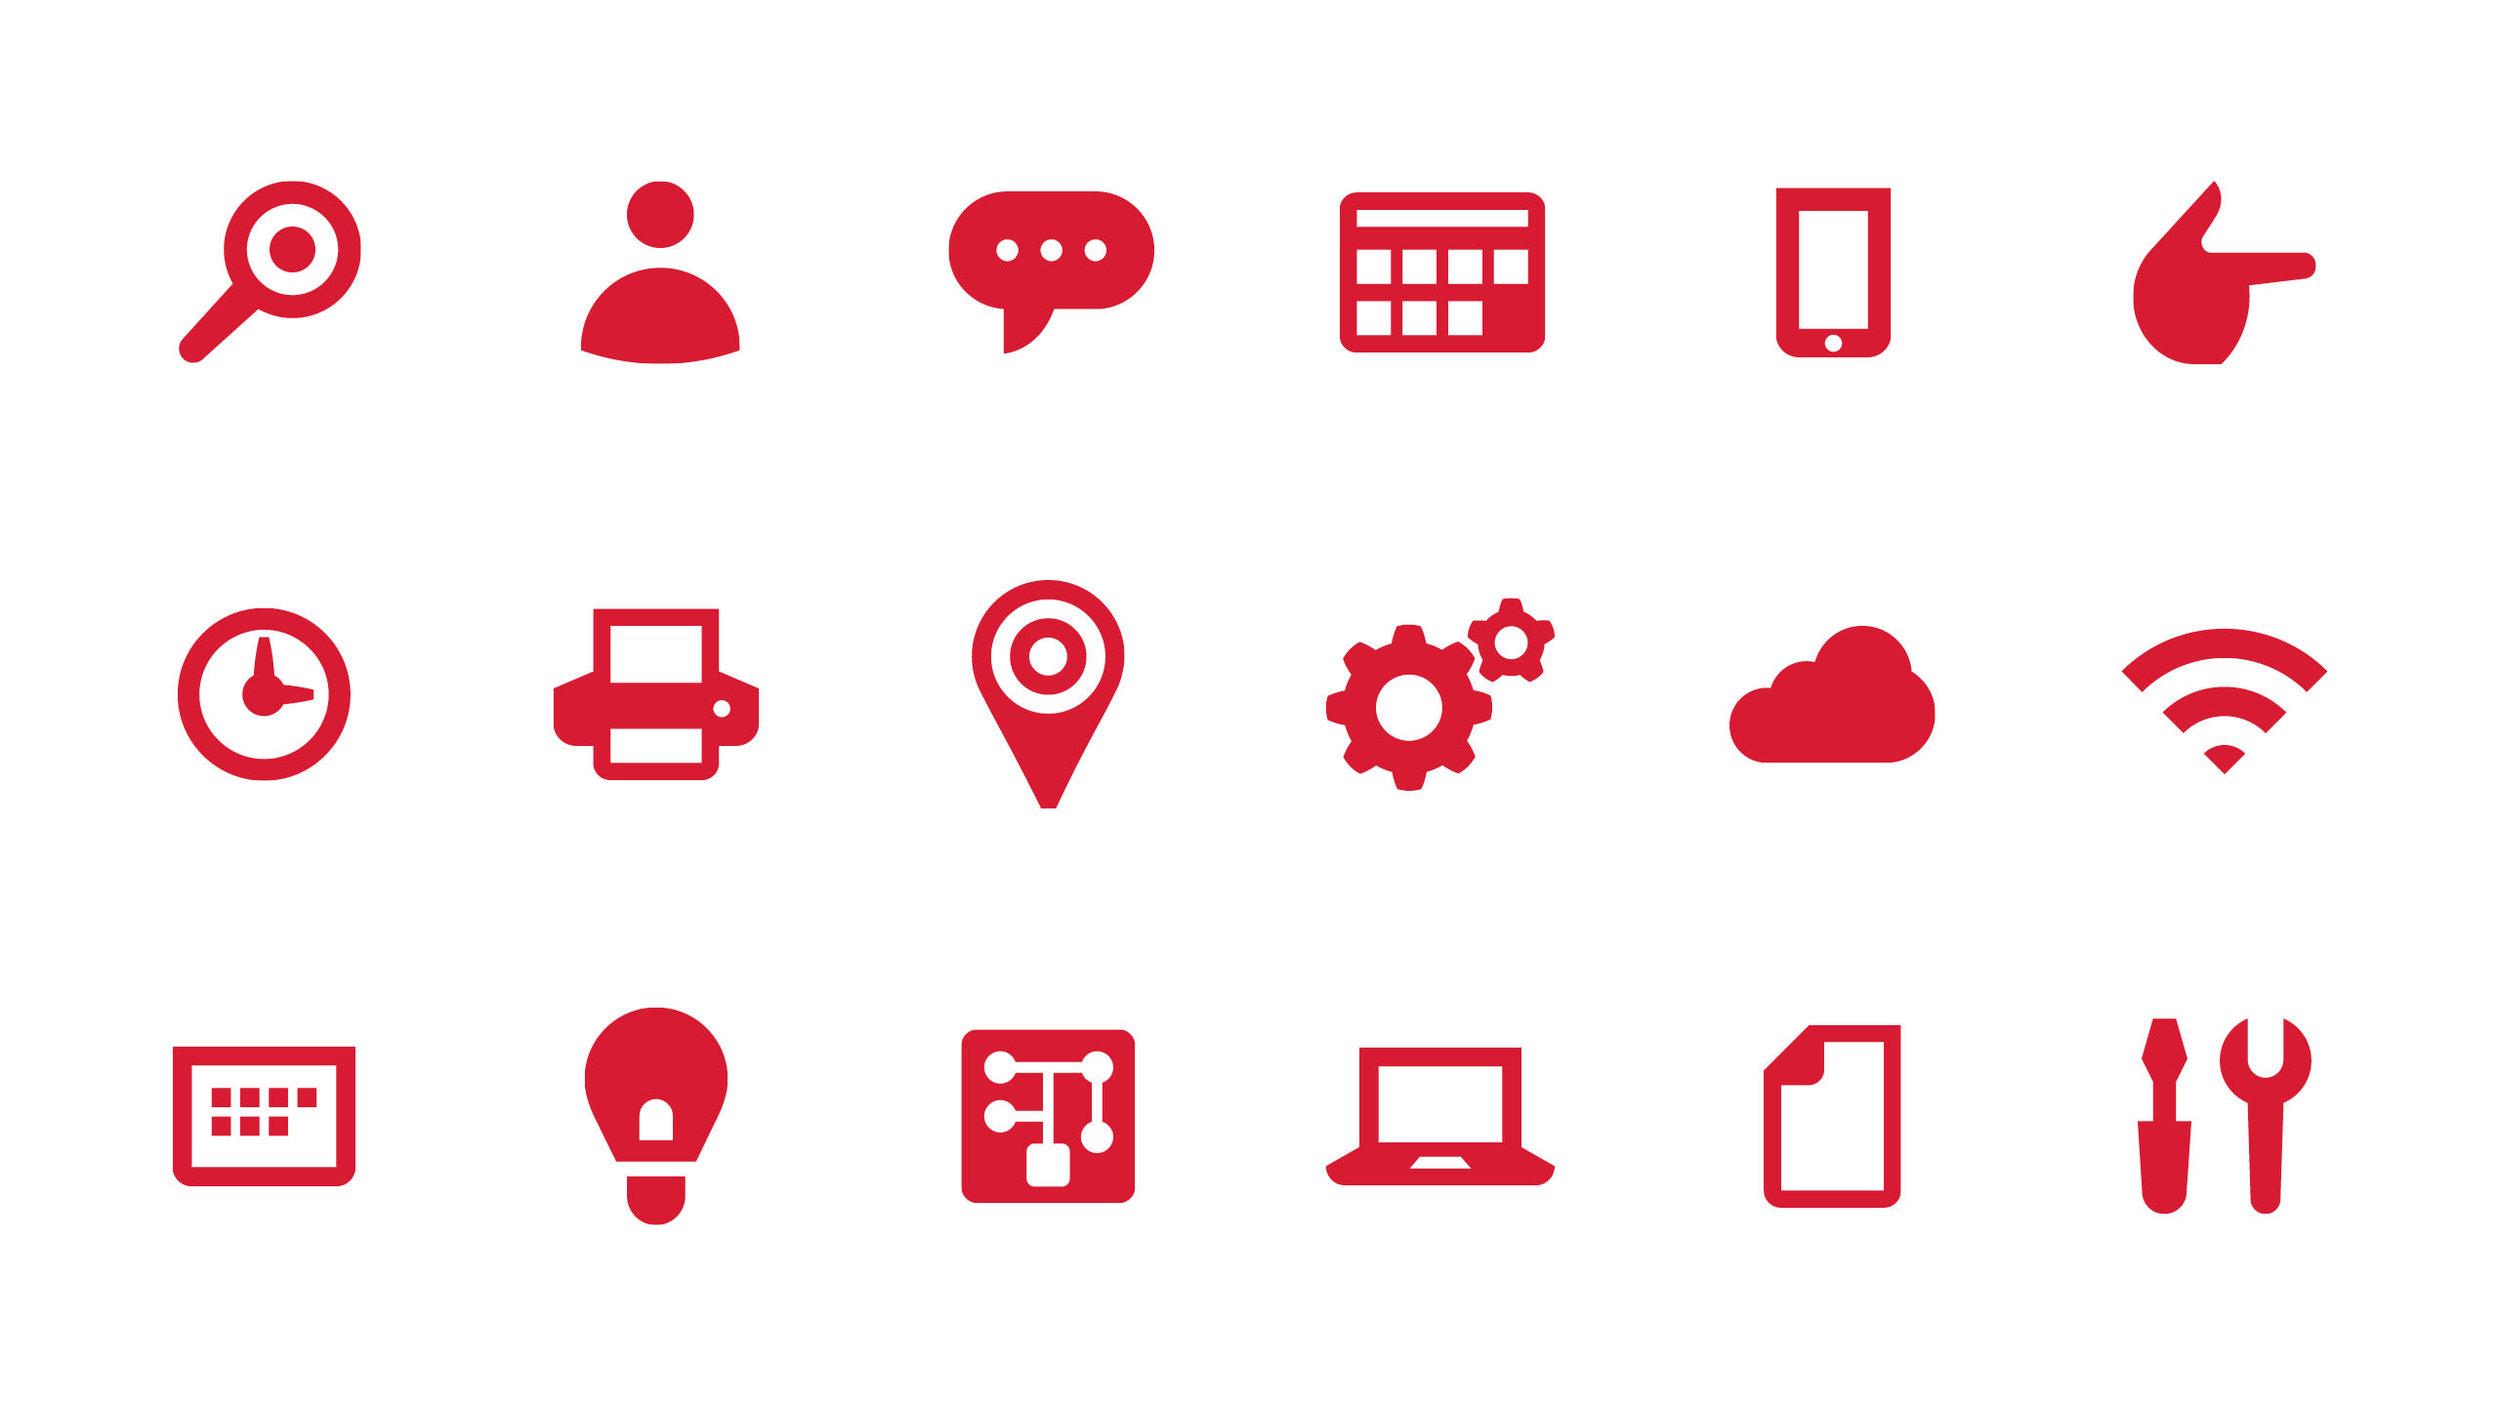 Target HiTech Icons